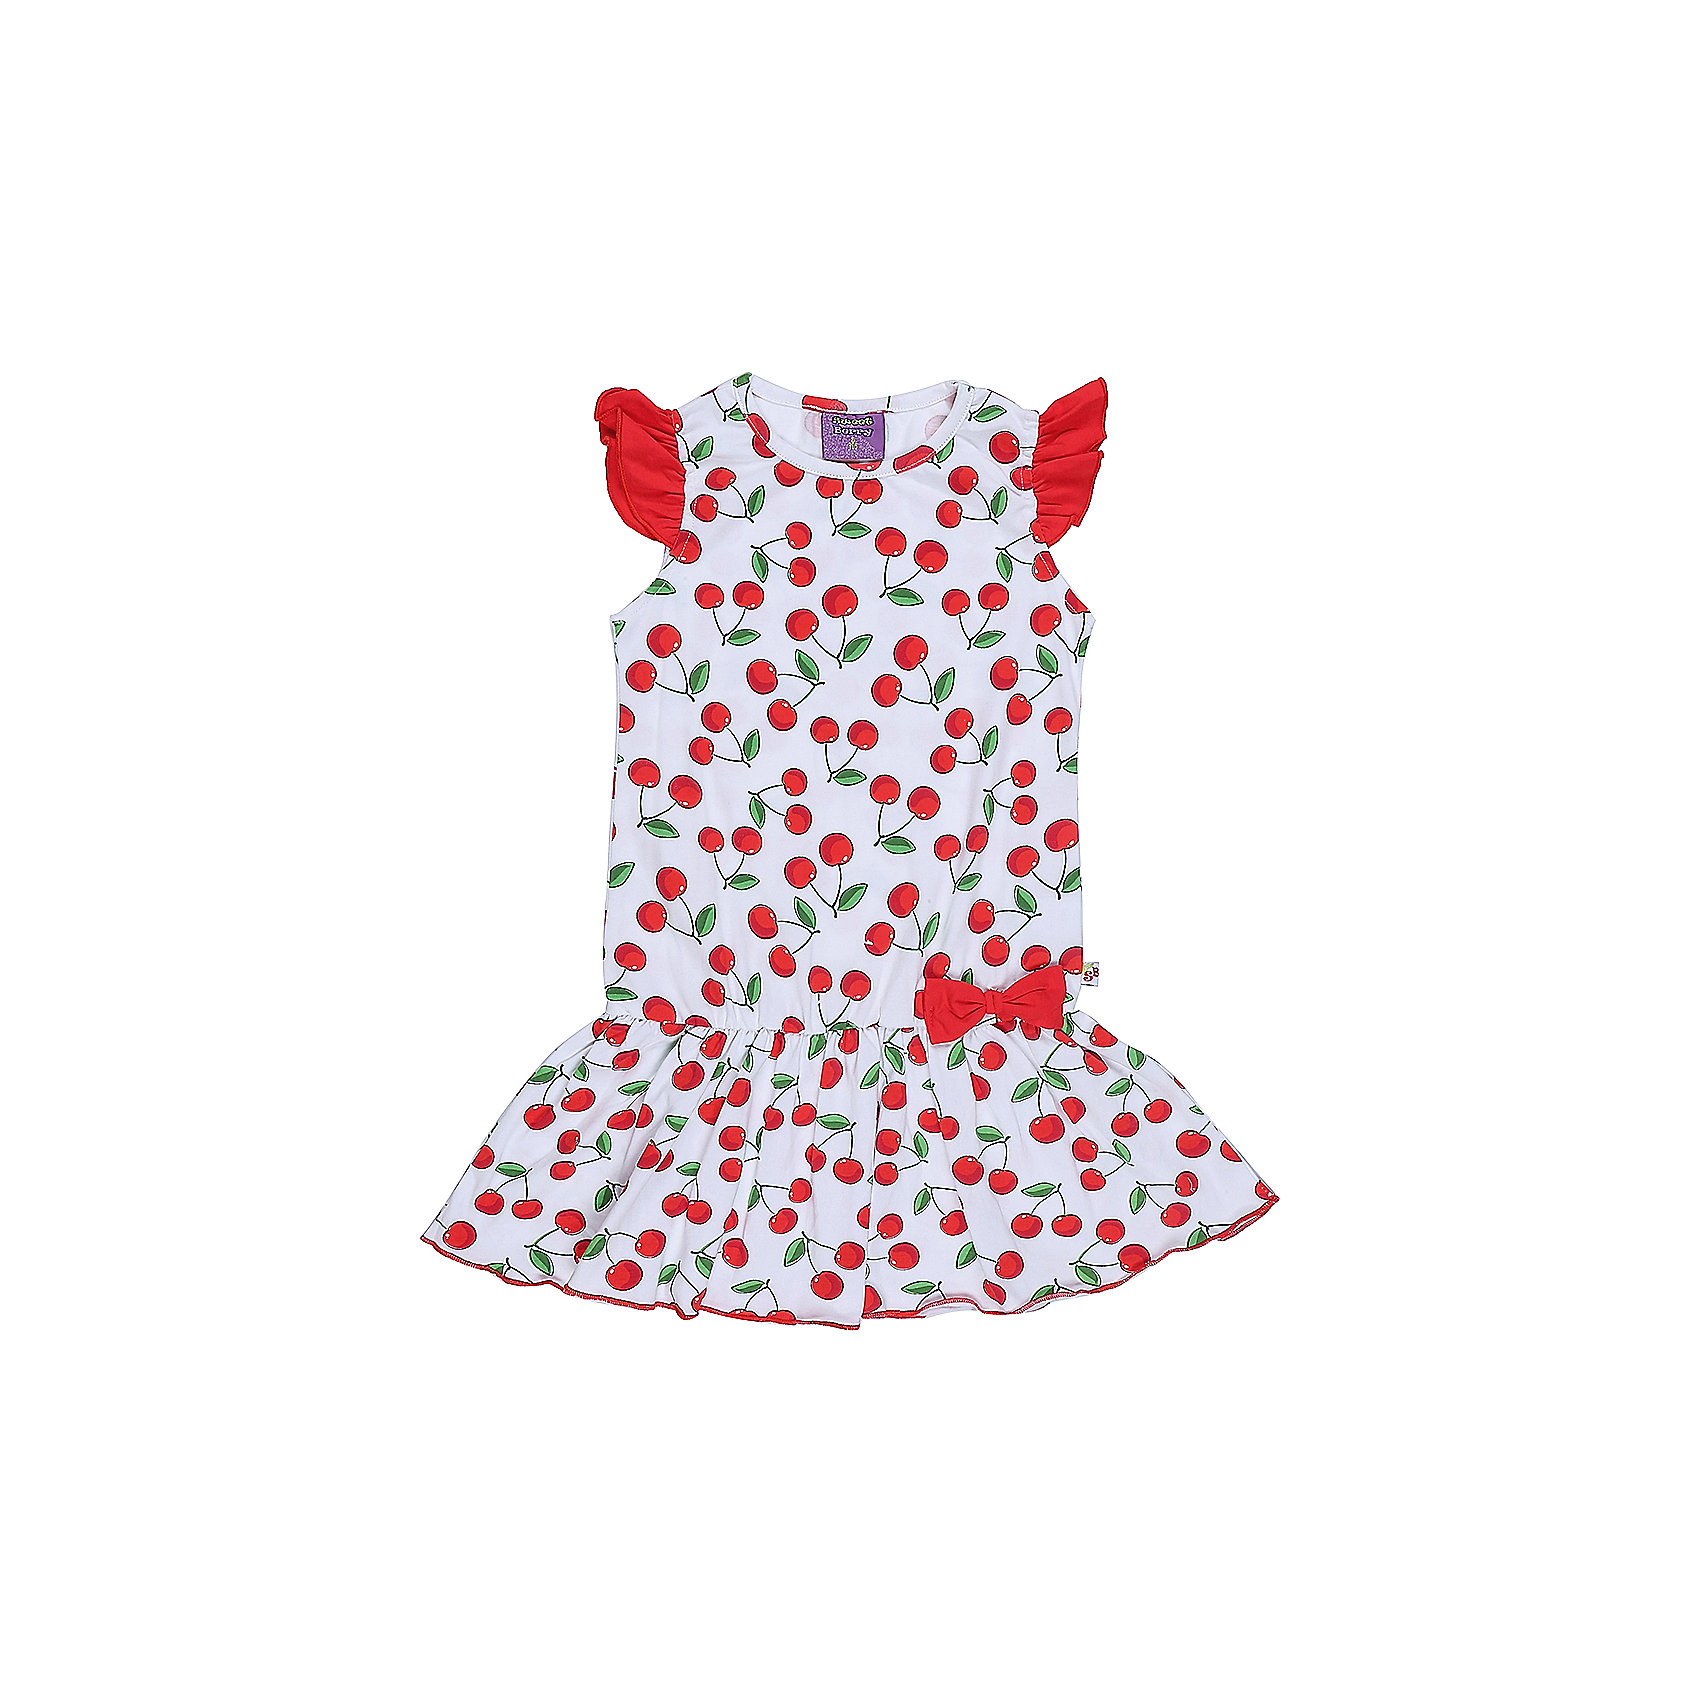 Платье для девочки Sweet BerryЯркое трикотажное платье для девочки из принтованной ткани. Низ изделия декорирован воланом и ярким бантиком.<br>Состав:<br>95%хлопок 5%эластан<br><br>Ширина мм: 236<br>Глубина мм: 16<br>Высота мм: 184<br>Вес г: 177<br>Цвет: разноцветный<br>Возраст от месяцев: 36<br>Возраст до месяцев: 48<br>Пол: Женский<br>Возраст: Детский<br>Размер: 104,122,98,110,116,128<br>SKU: 5410052